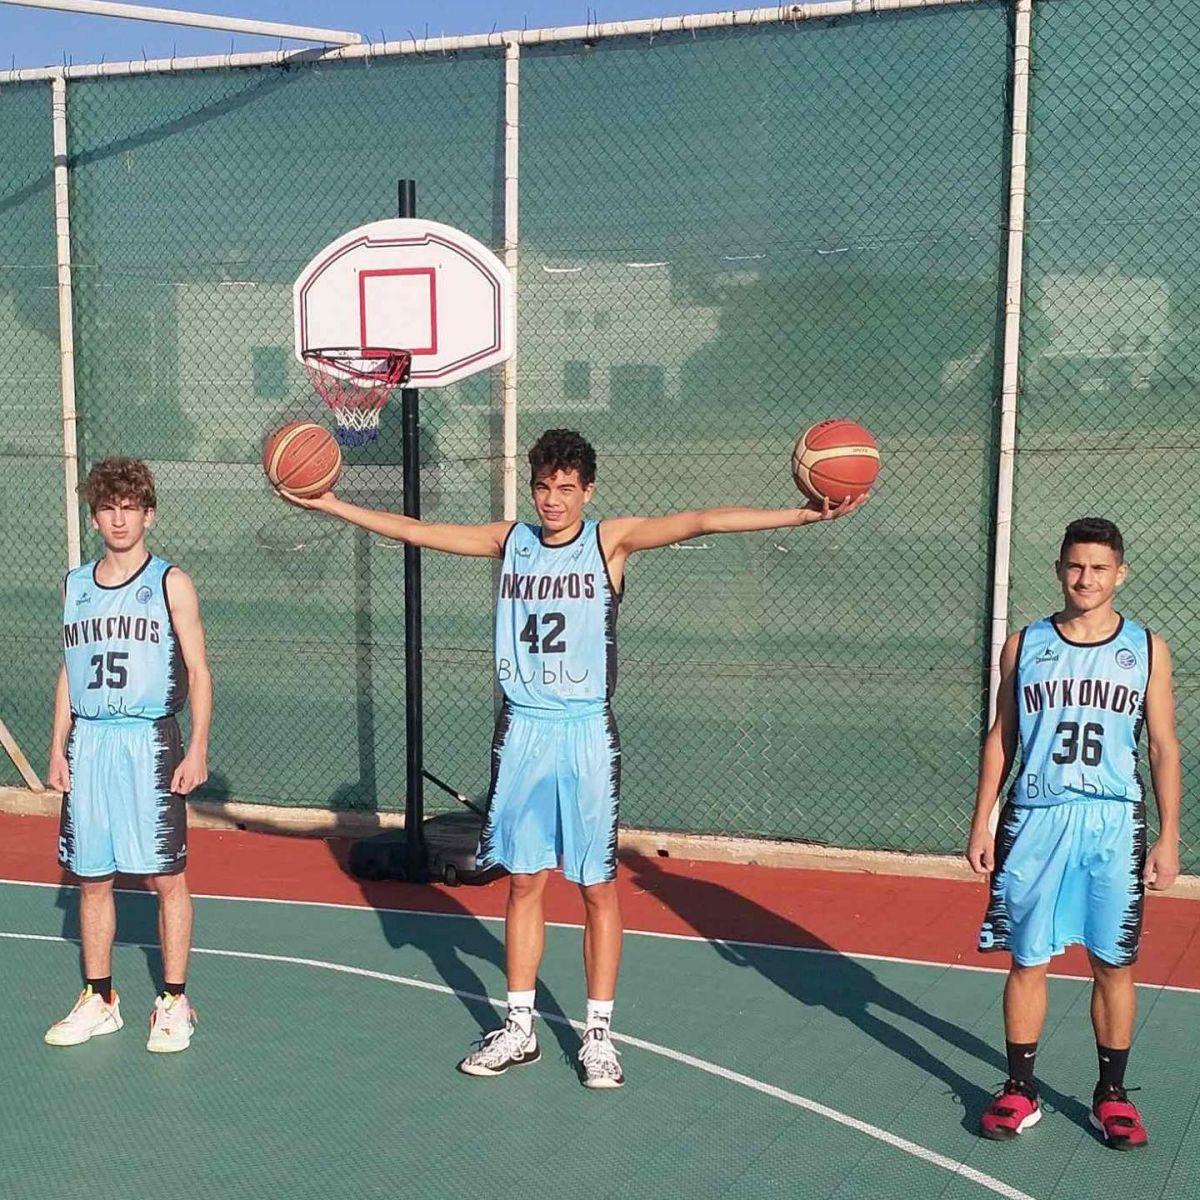 Οι ακαδημίες μπάσκετ του Α.Ο. Μυκόνου παρουσίασαν τις νέες εμφανίσεις τους